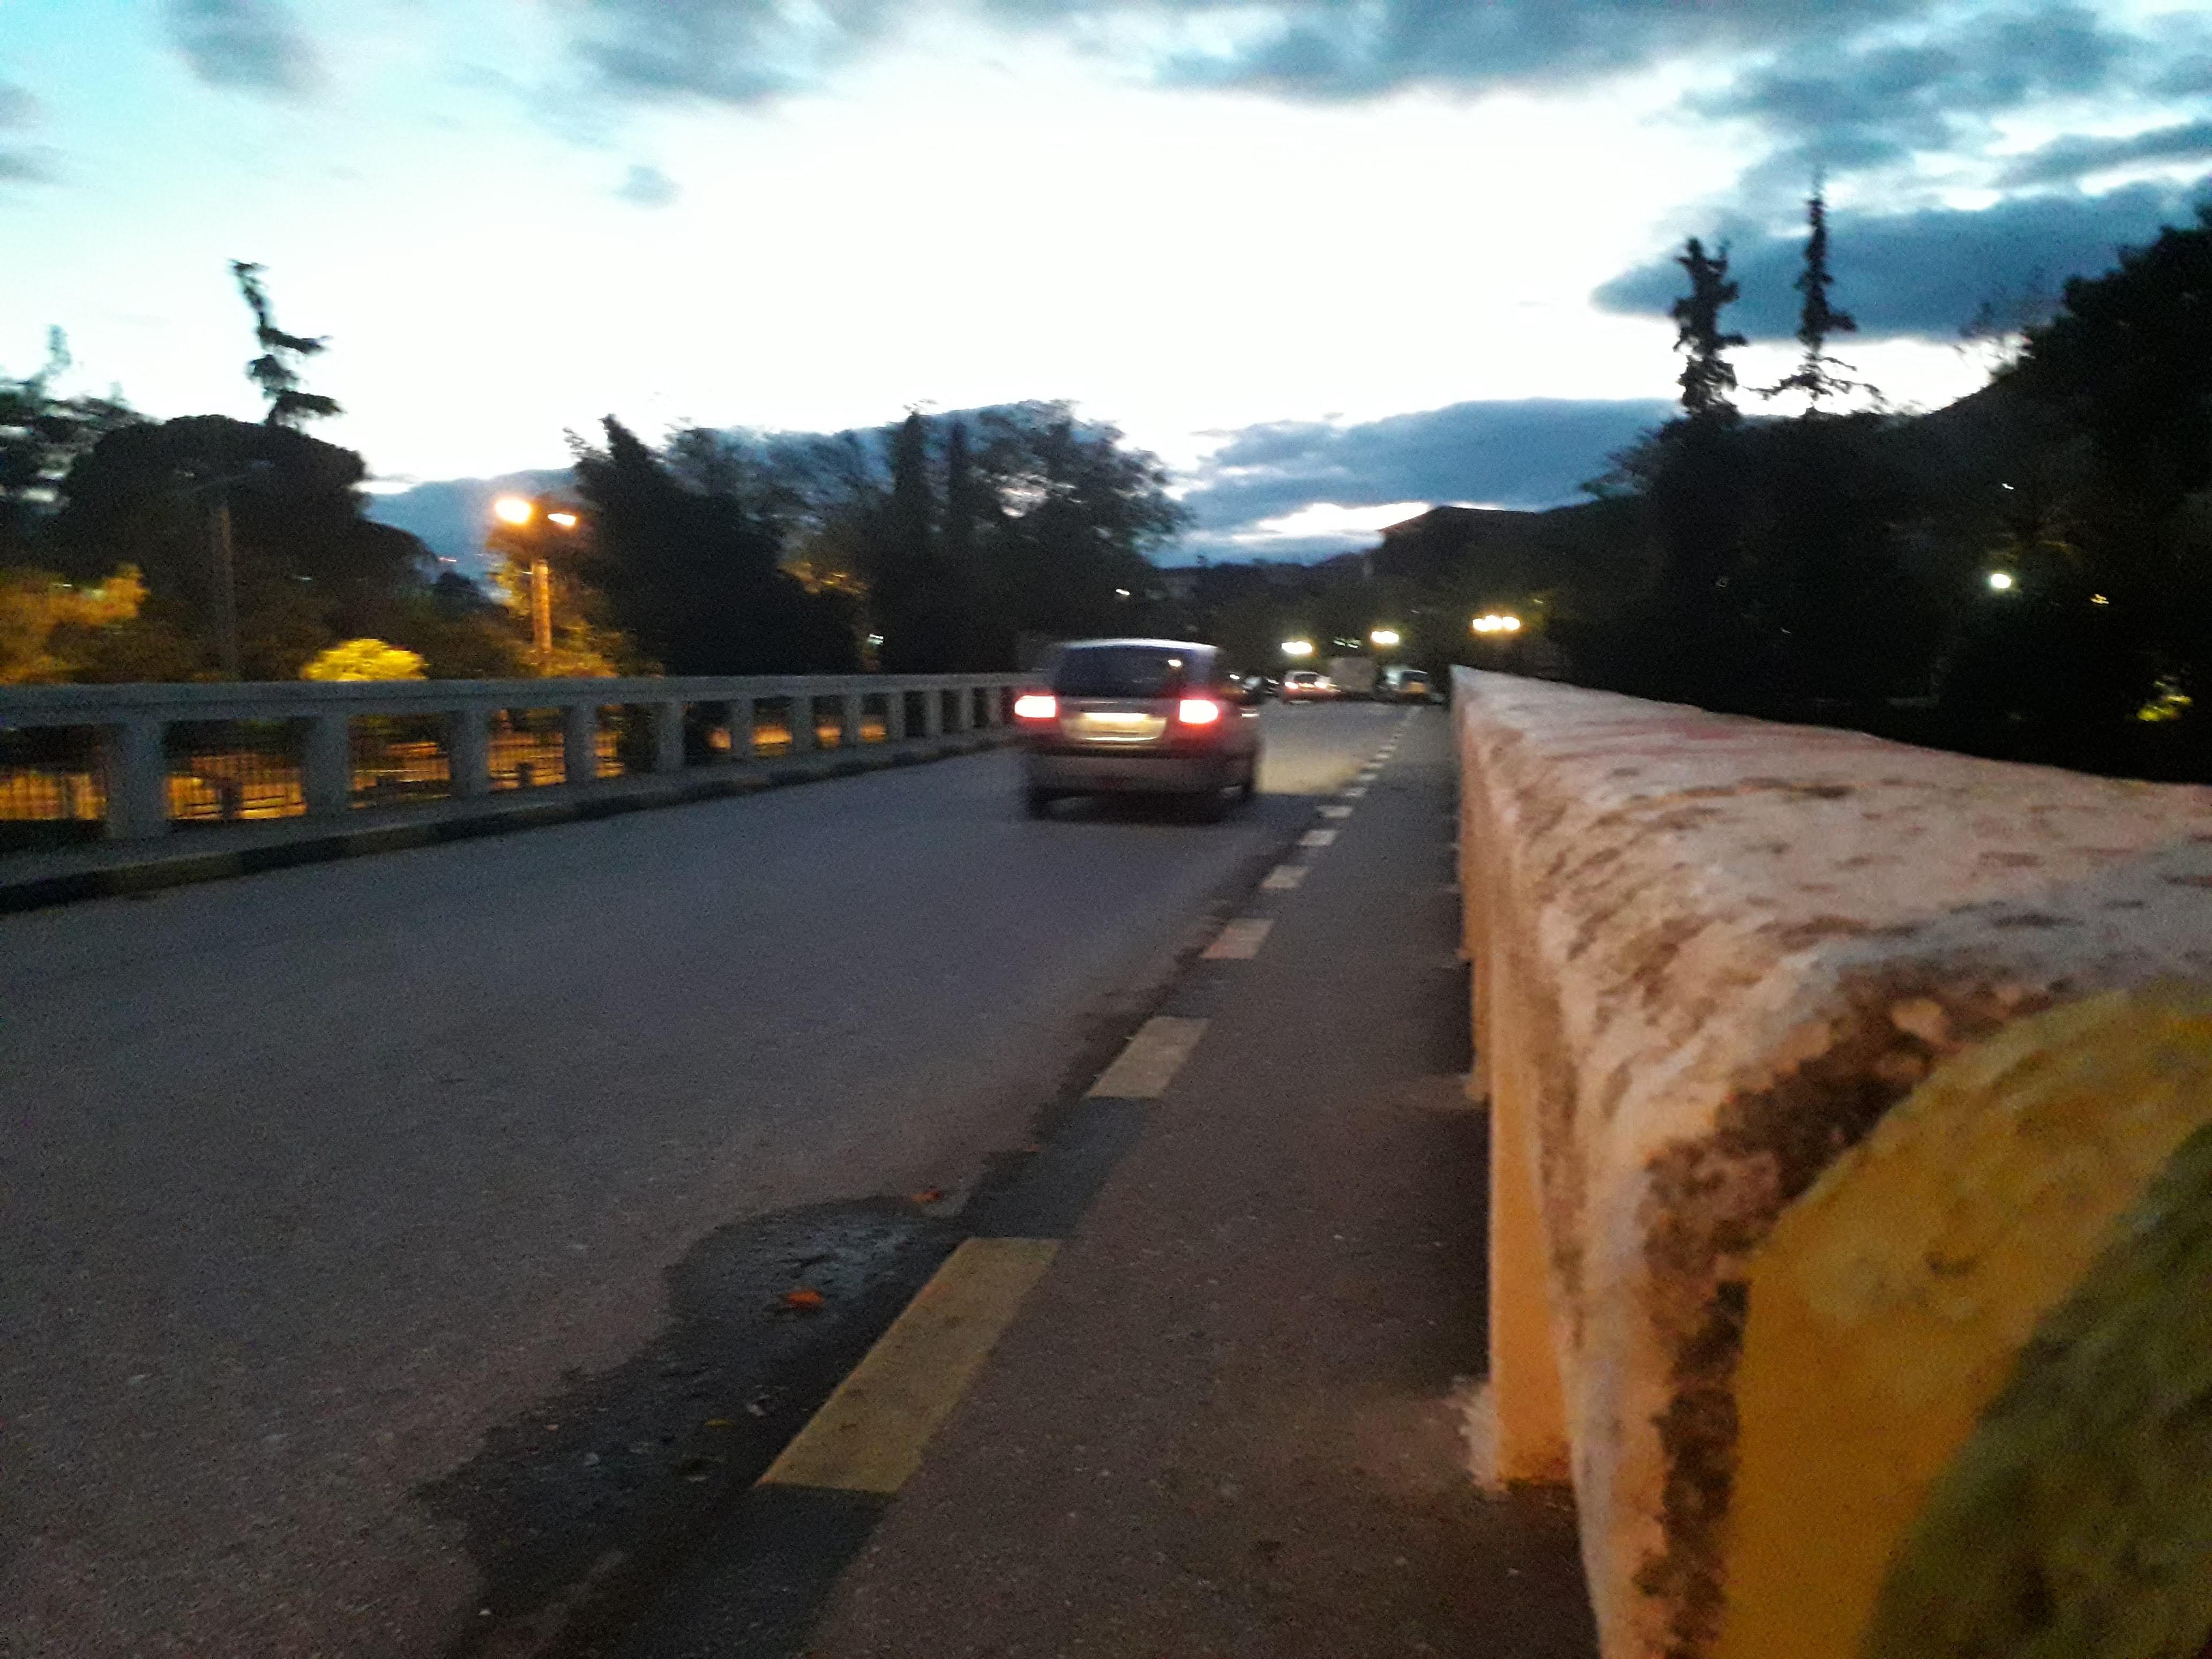 20 νέα κρούσματα κορονοϊού στην Ξάνθη - Πάνω από 60 στη Θράκη